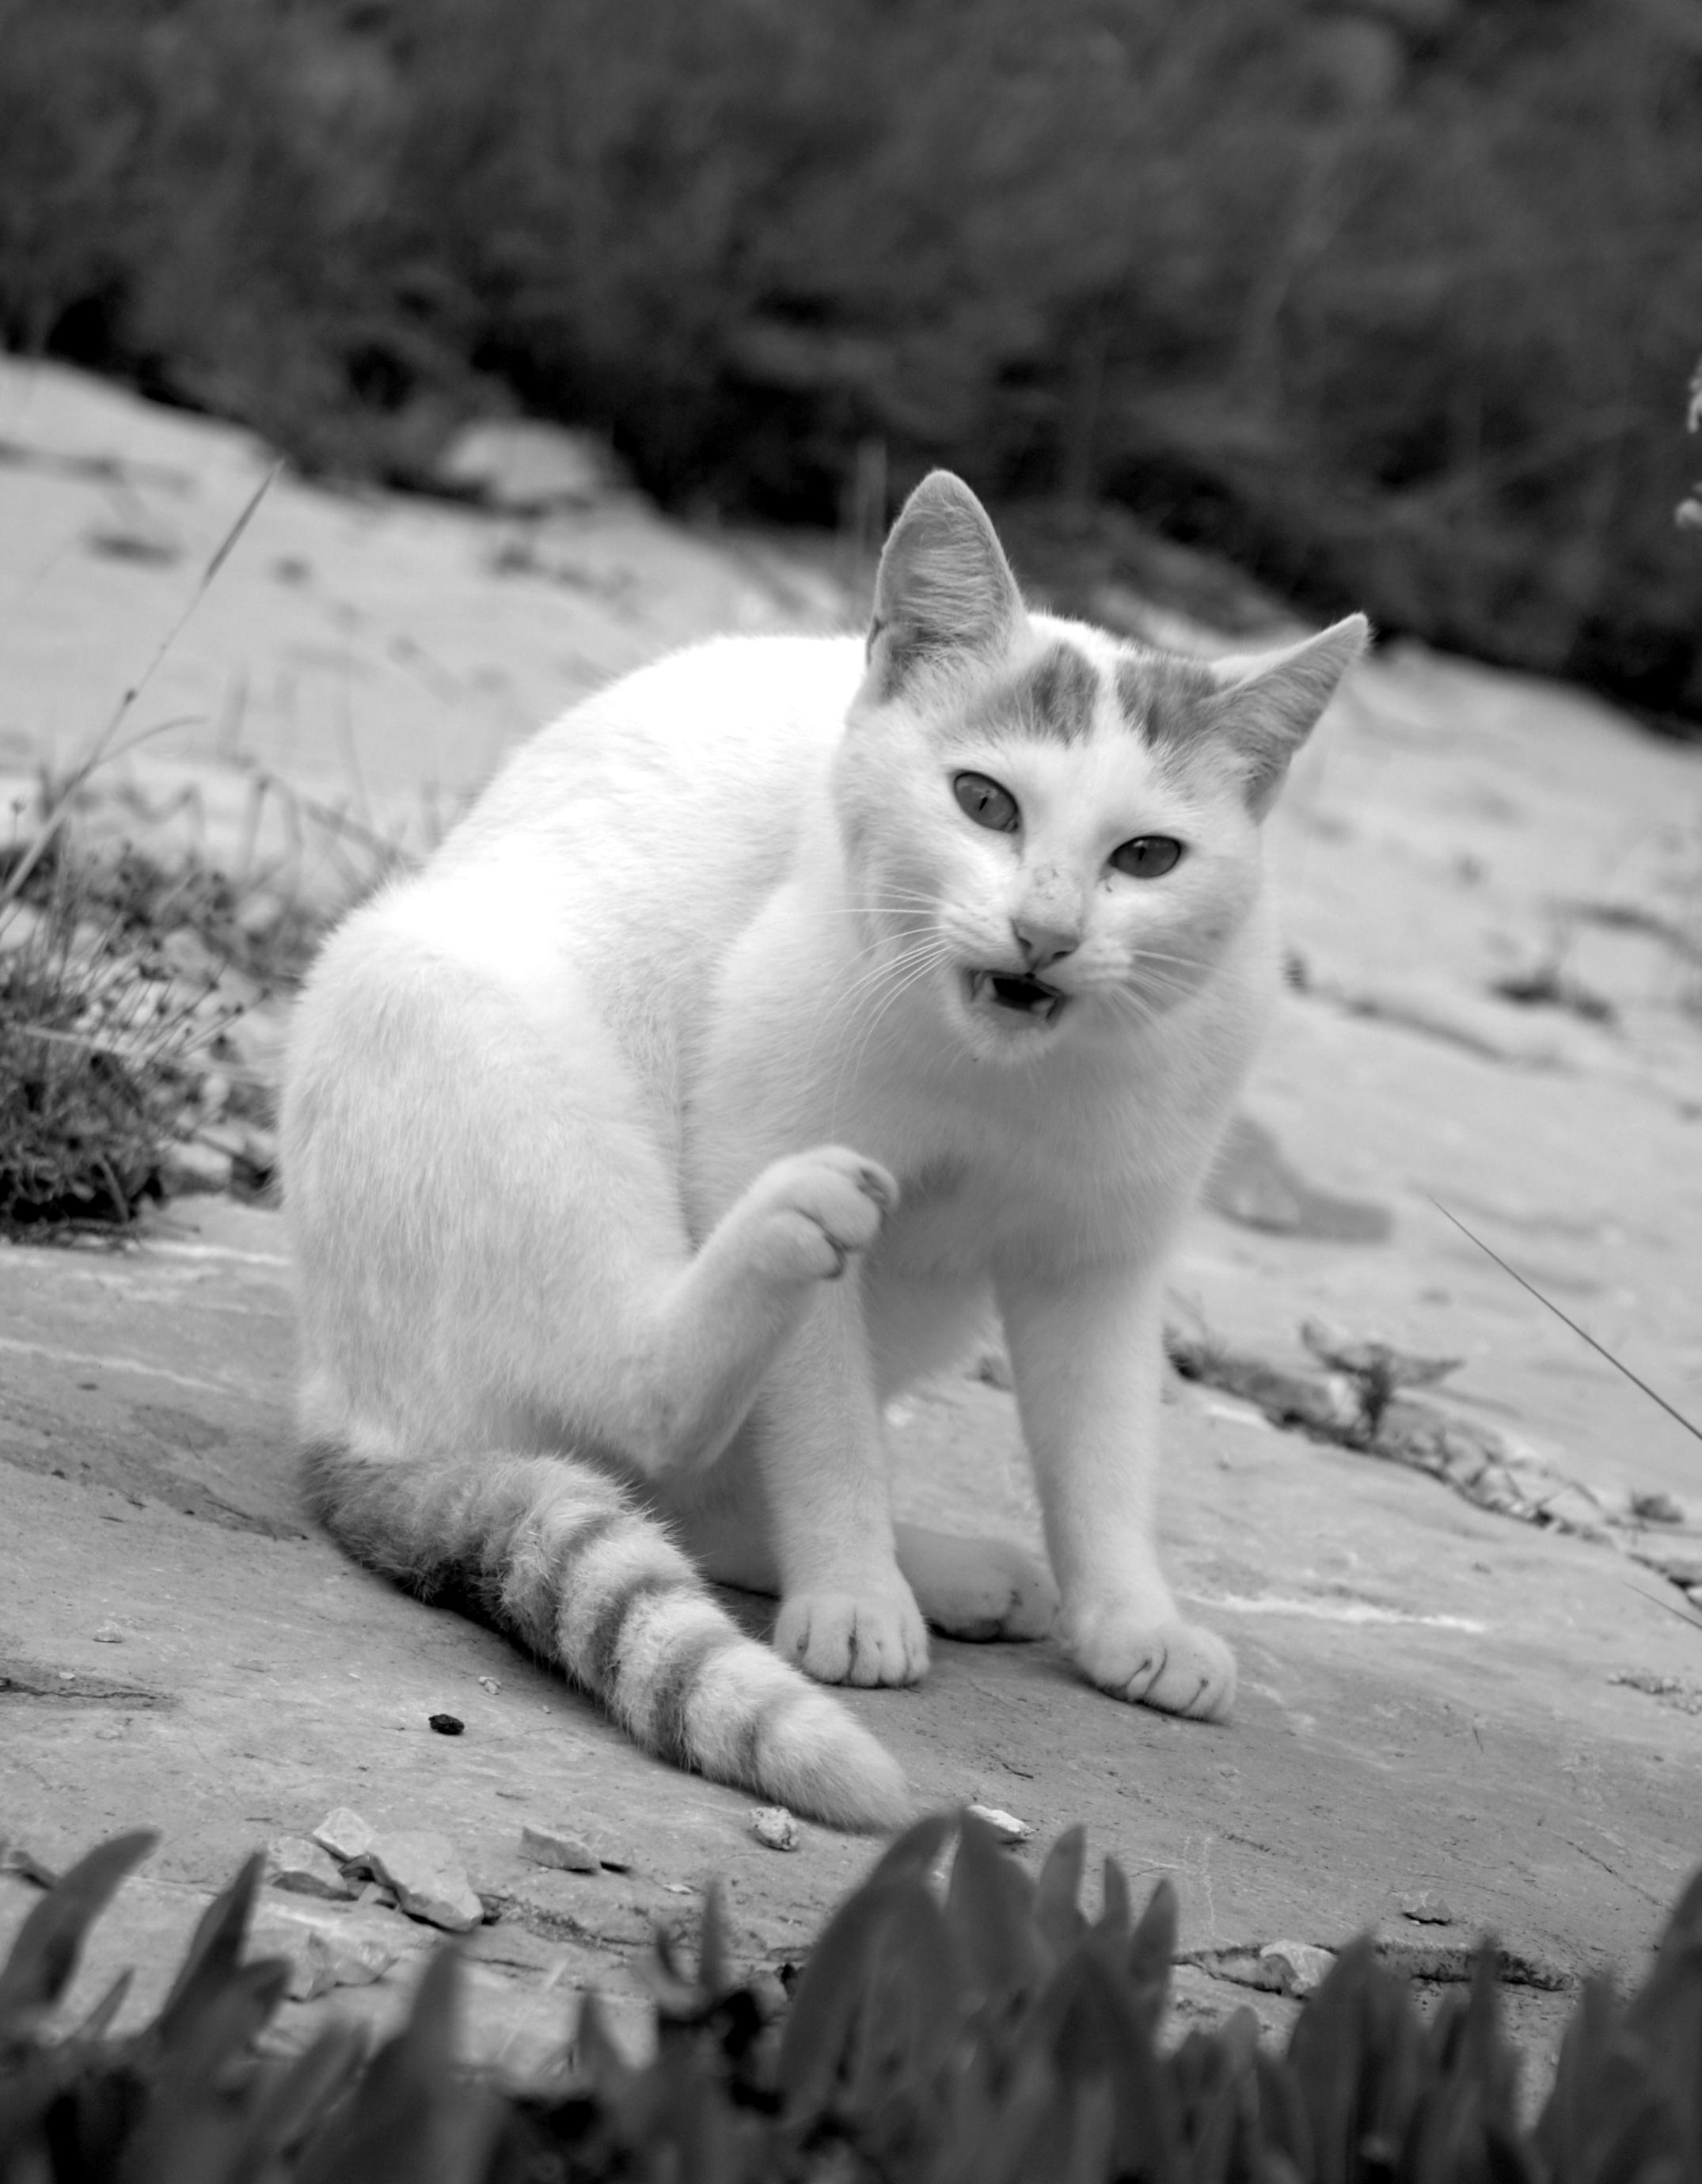 CROATIAN CAT